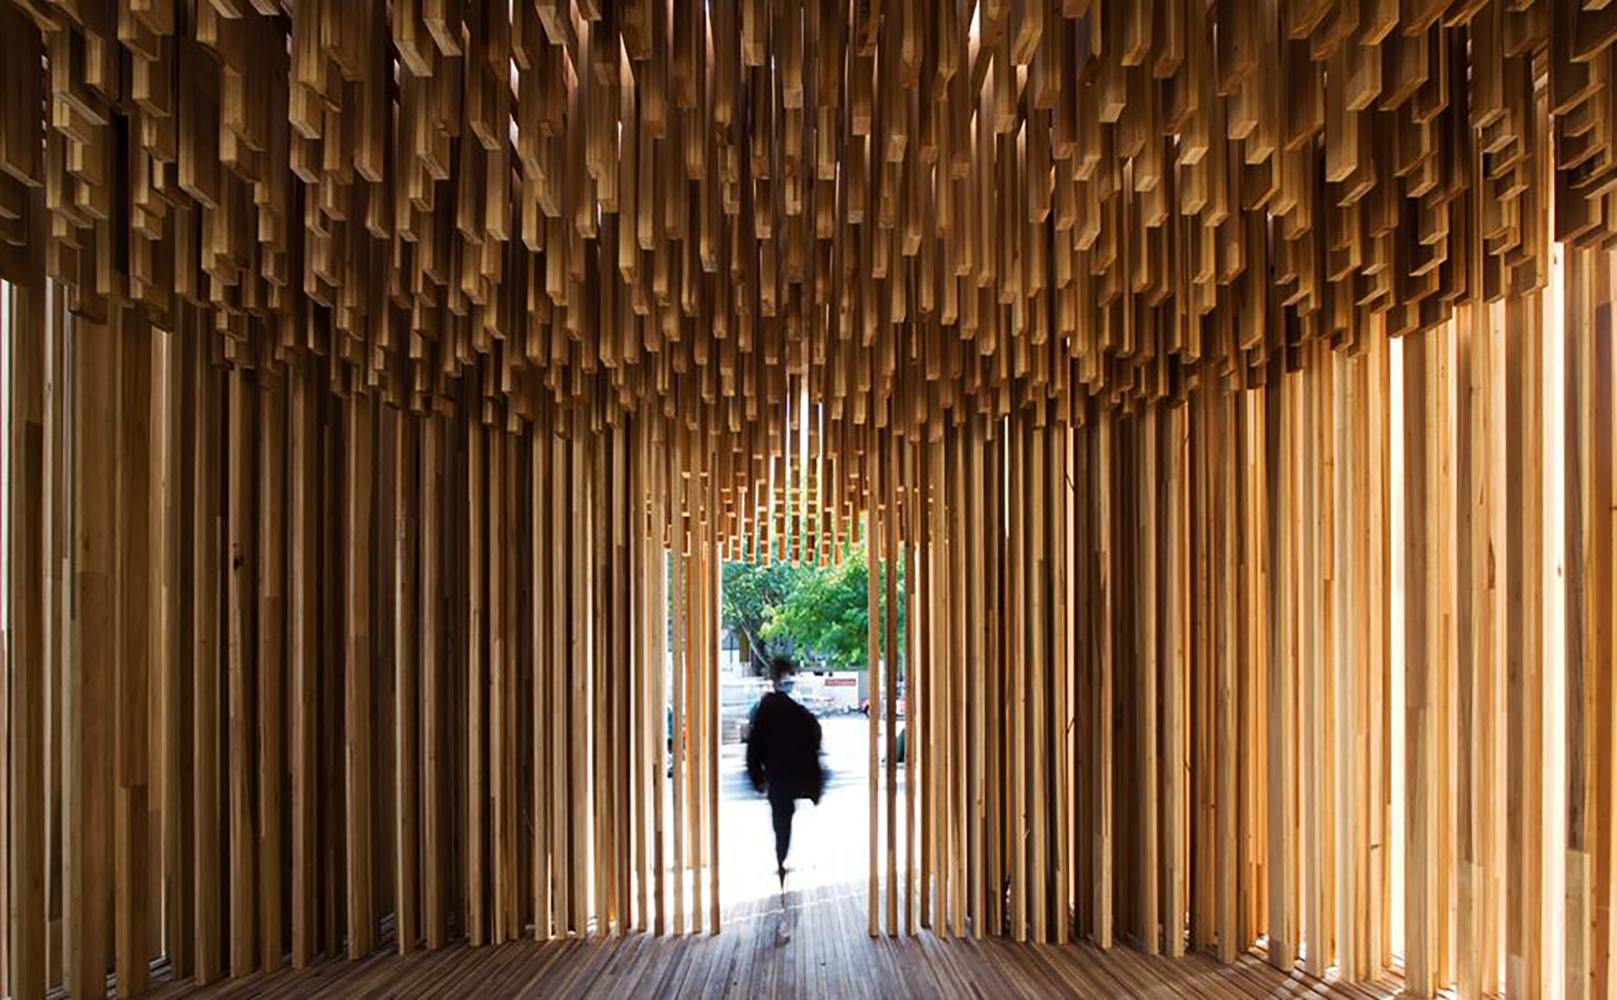 <a href='https://revistaaxxis.com.co/haciendo-memoria-david-adjaye-en-design-museum/'><h2>Haciendo memoria, David Adjaye en Design Museum</h2>¿Cómo puede un edificio dar forma a nuestra percepción de los eventos y cómo puede usarse la arquitectura, en lugar de las palabras, para contar historias?</a>